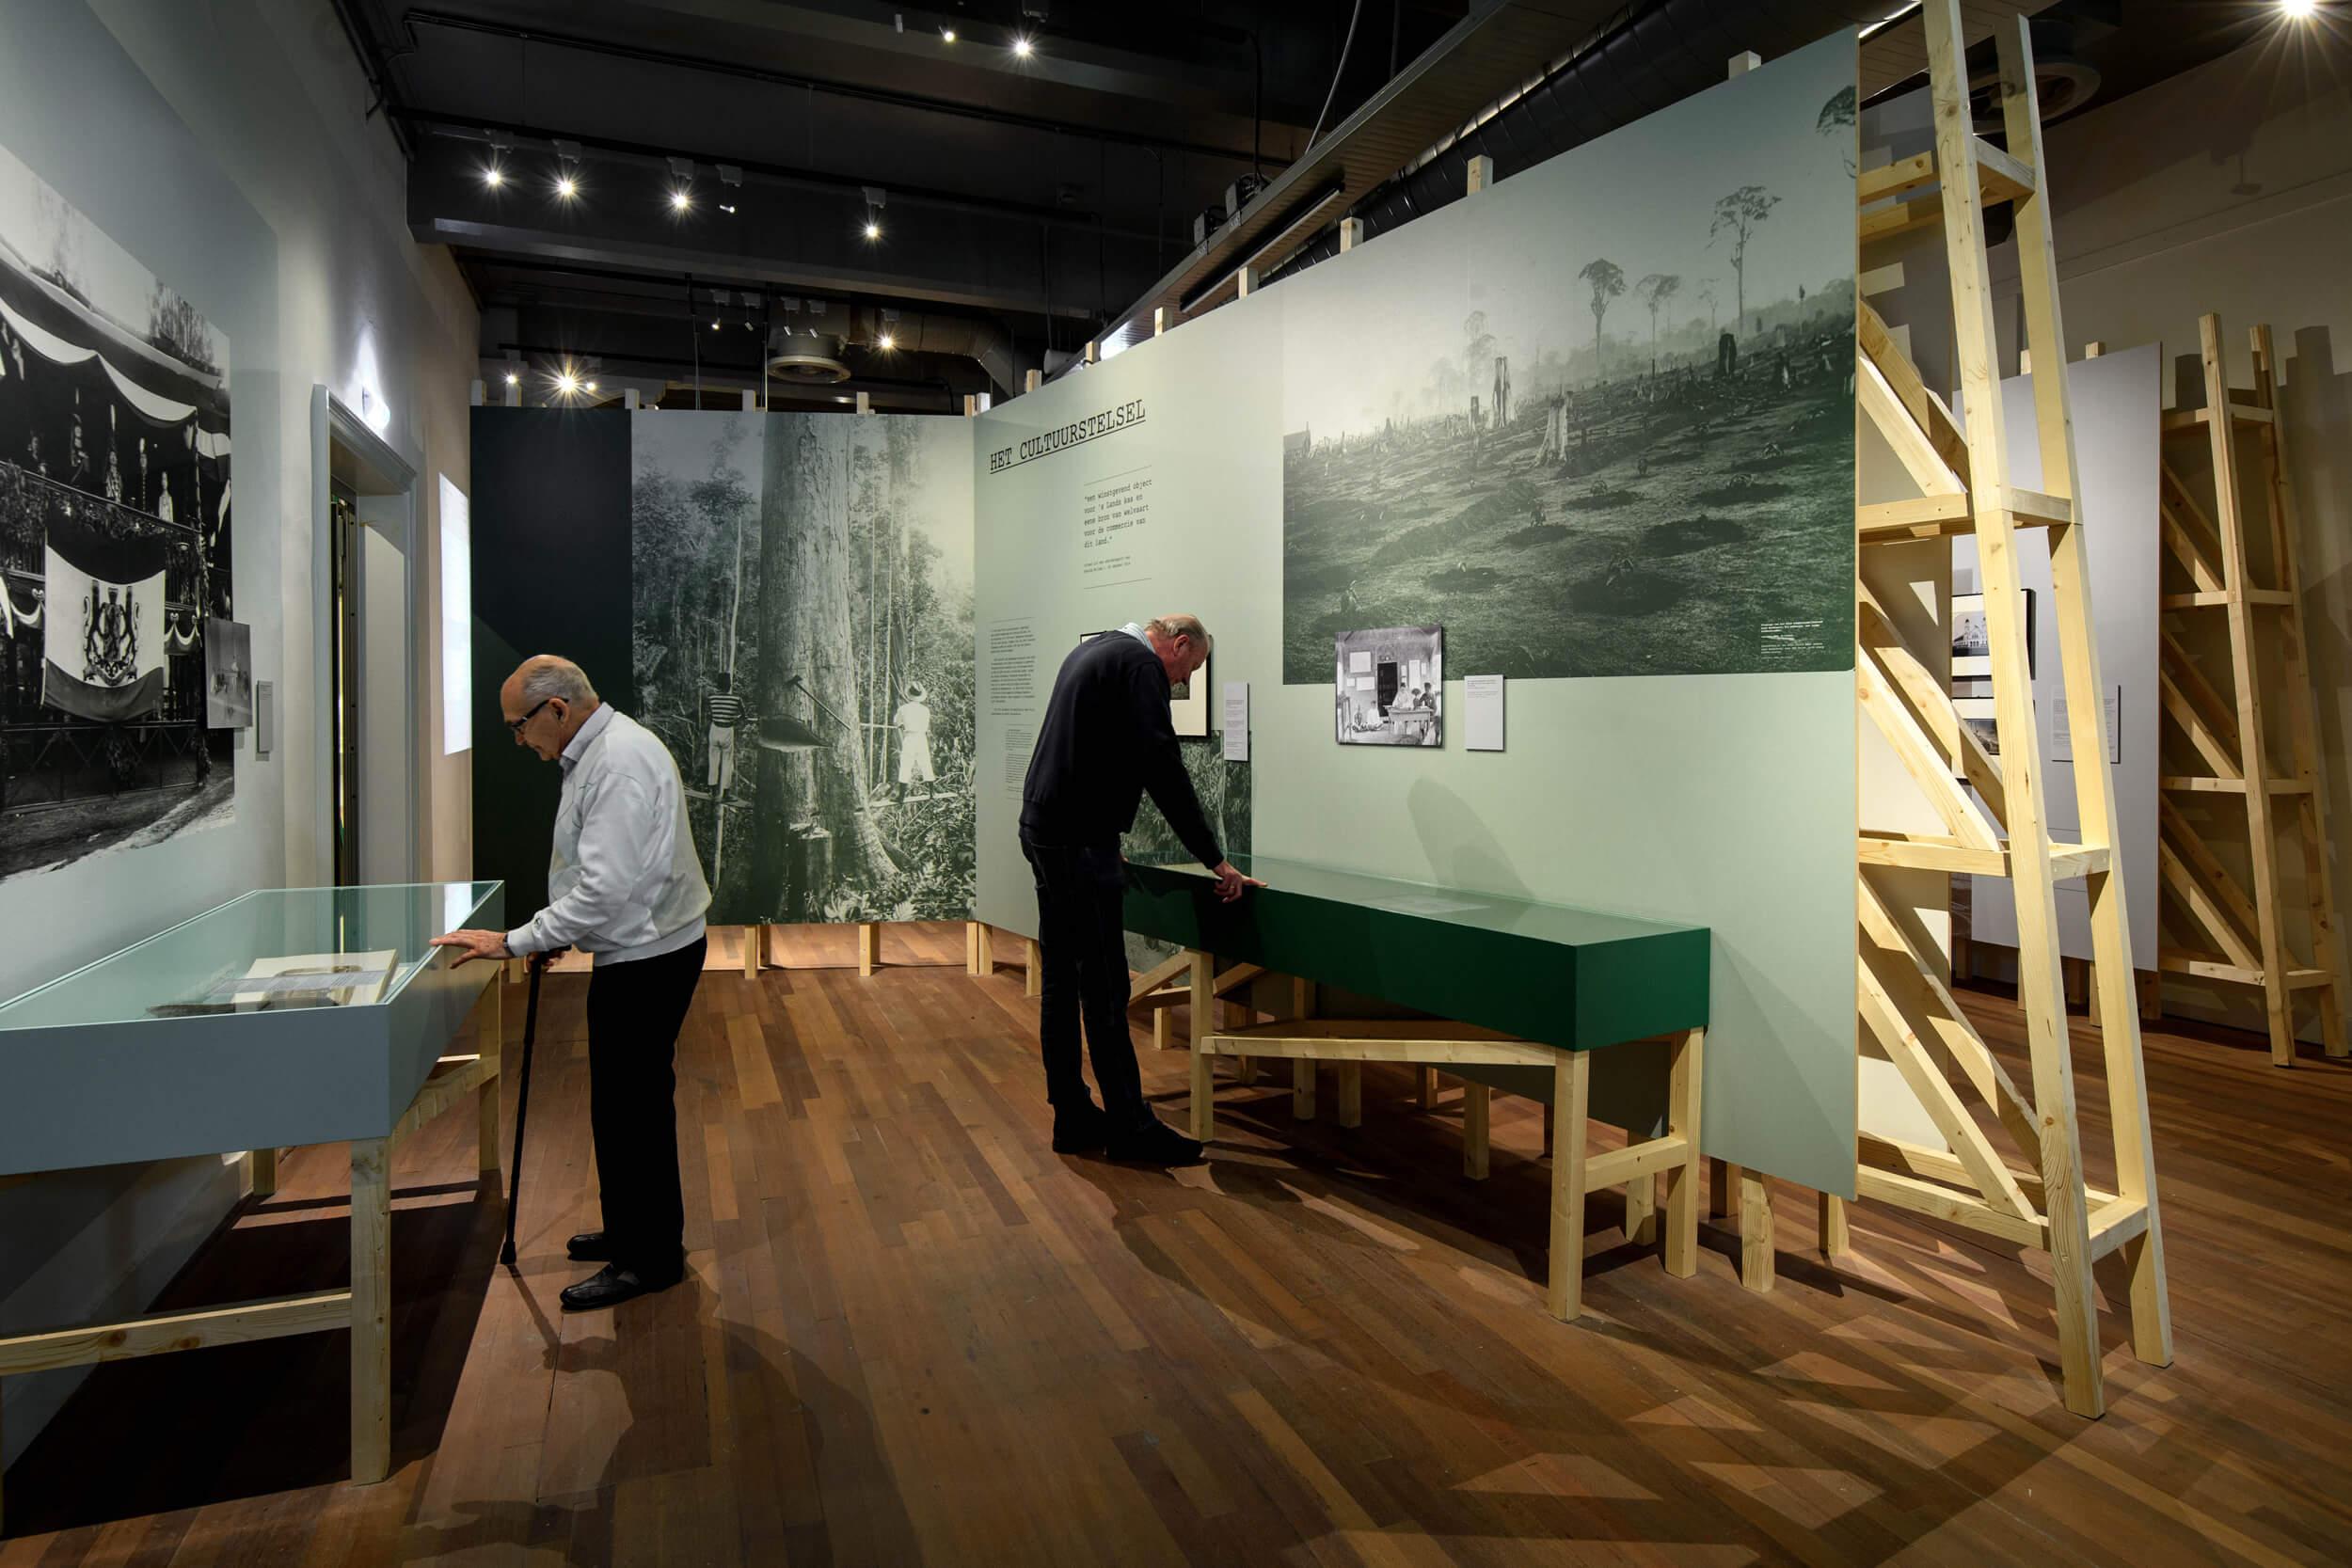 tentoonstellingsontwerp dossier indie wereldmuseum 5 jpg